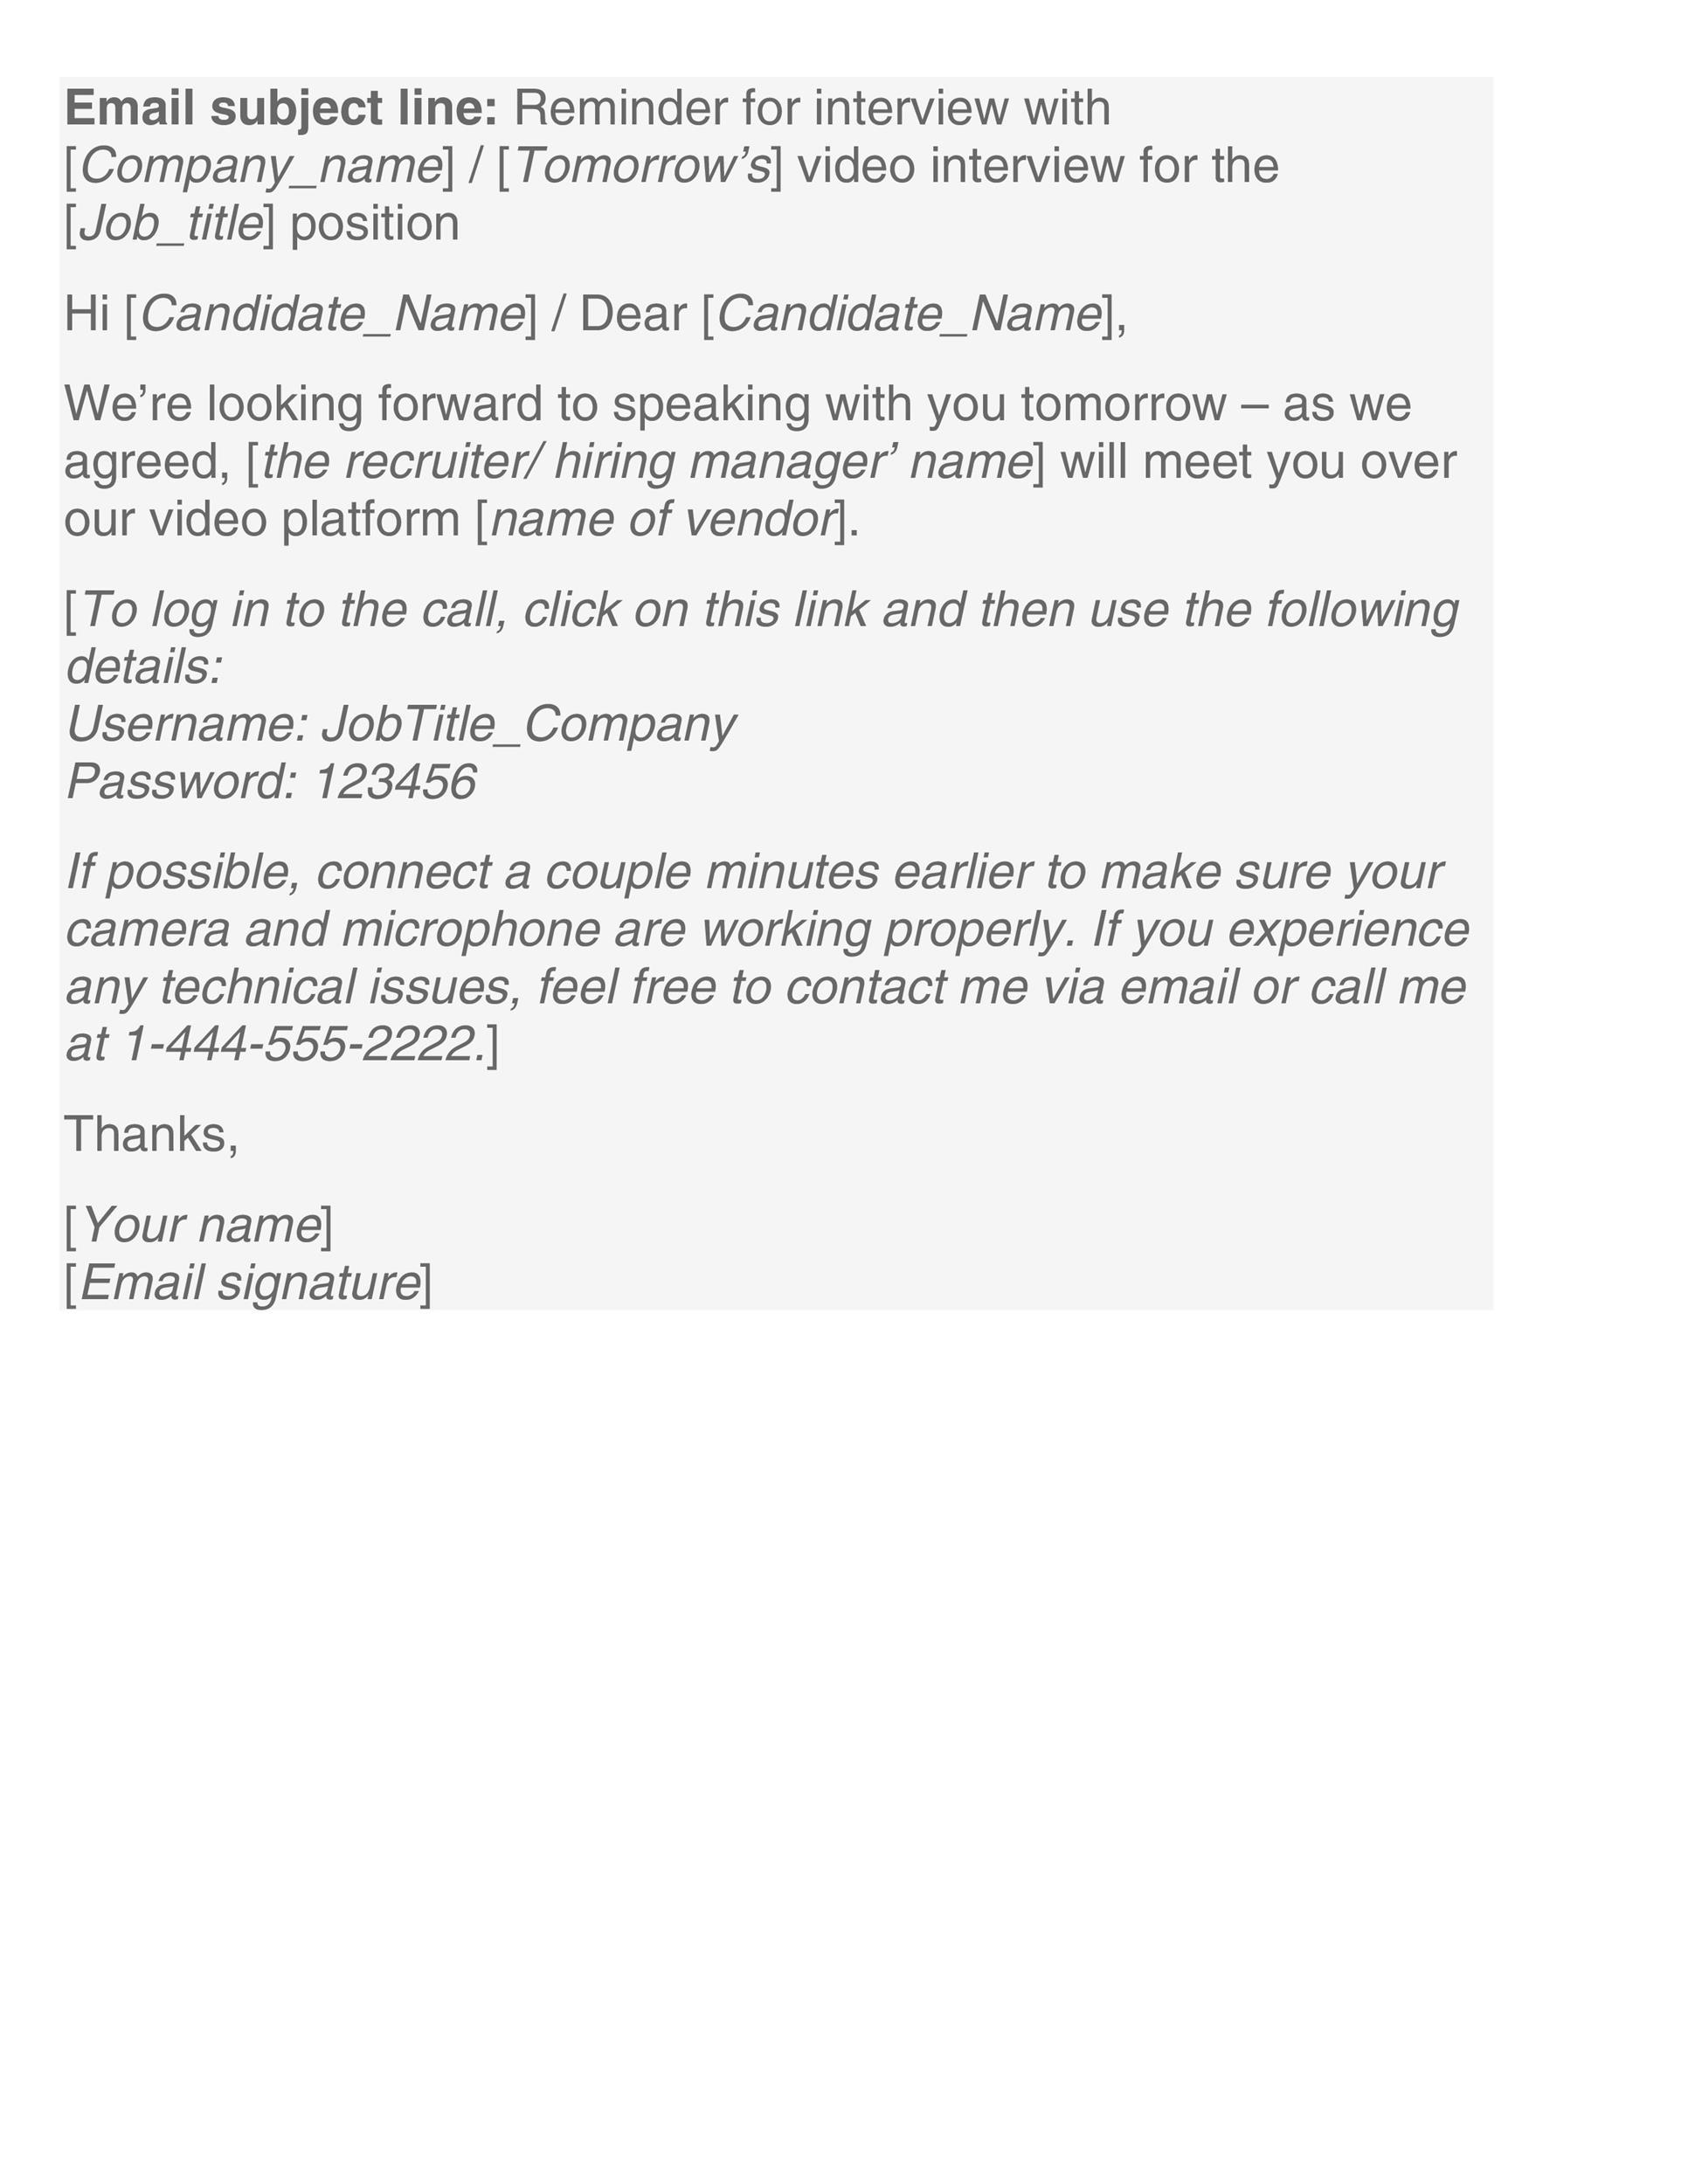 Free reminder email sample 27